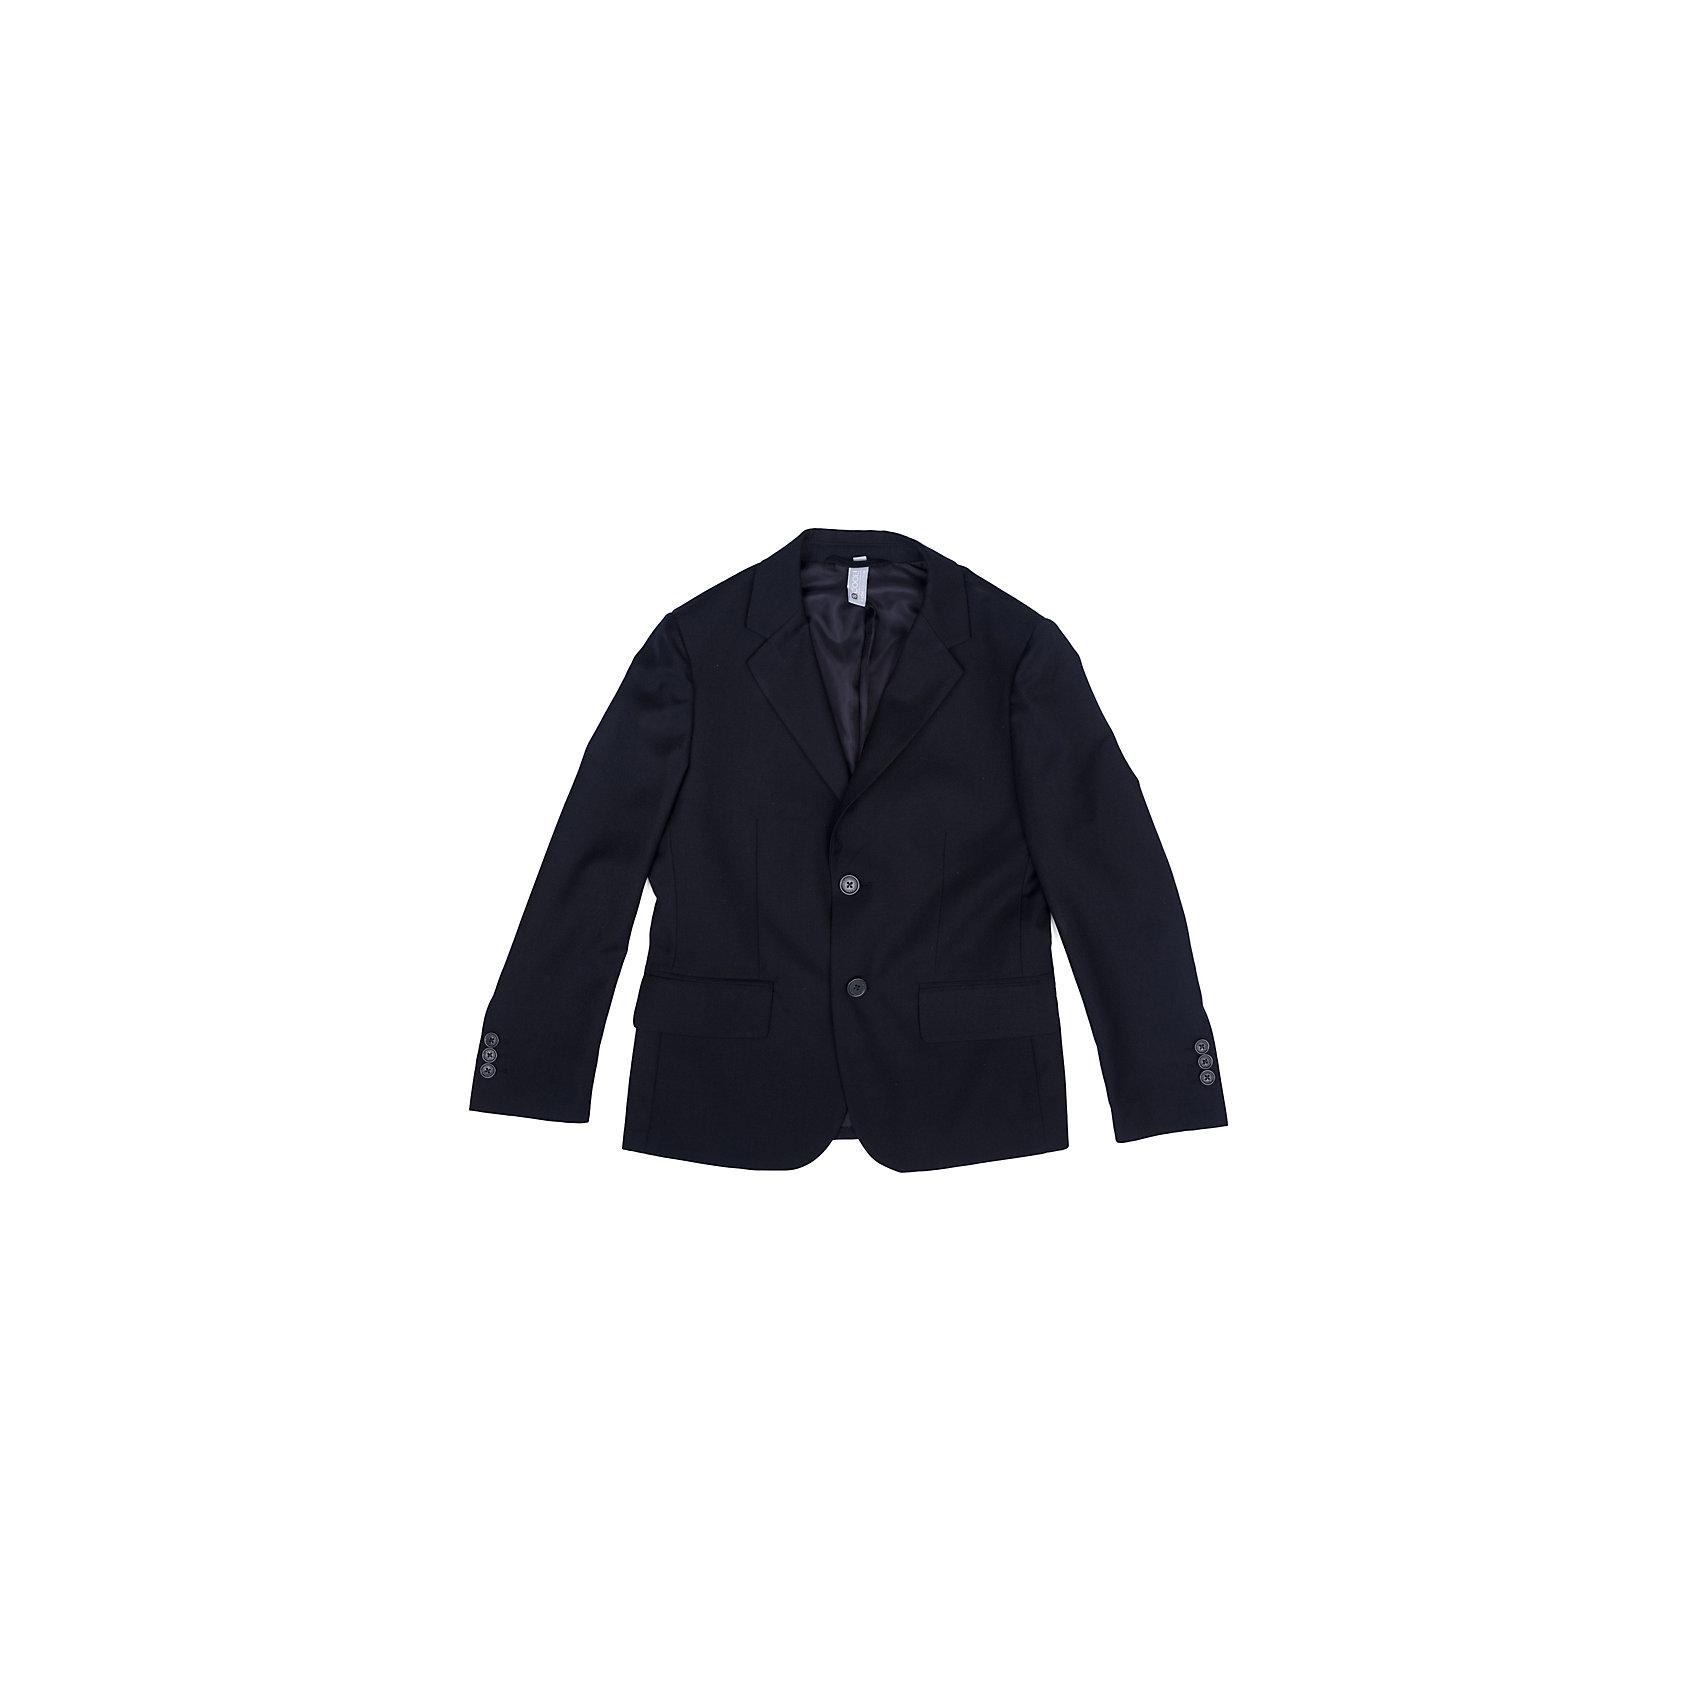 Пиджак  для мальчика ScoolКостюмы и пиджаки<br>Пиджак  для мальчика Scool<br>Однобортный пиджак подойдет как для официальных мероприятий, так и в качестве одной из базовых вещей школьного гардероба. Лекало модели полностью повторяет лекало пиджака для взрослого мужчины. При необходимости этот пиджак можно повесить на крючок - на модели предусмотрена петля - вешалка.Преимущества: Пиджак на подкладке из атласной тканиМодель с прорезными карманамиПиджак застегивается на пуговицы<br>Состав:<br>Верх: 65% полиэстер, 35% вискоза, Подкладка: 65% полиэстер 35% вискоза<br><br>Ширина мм: 190<br>Глубина мм: 74<br>Высота мм: 229<br>Вес г: 236<br>Цвет: синий<br>Возраст от месяцев: 156<br>Возраст до месяцев: 168<br>Пол: Мужской<br>Возраст: Детский<br>Размер: 164,122,128,134,140,146,152,158<br>SKU: 6754381